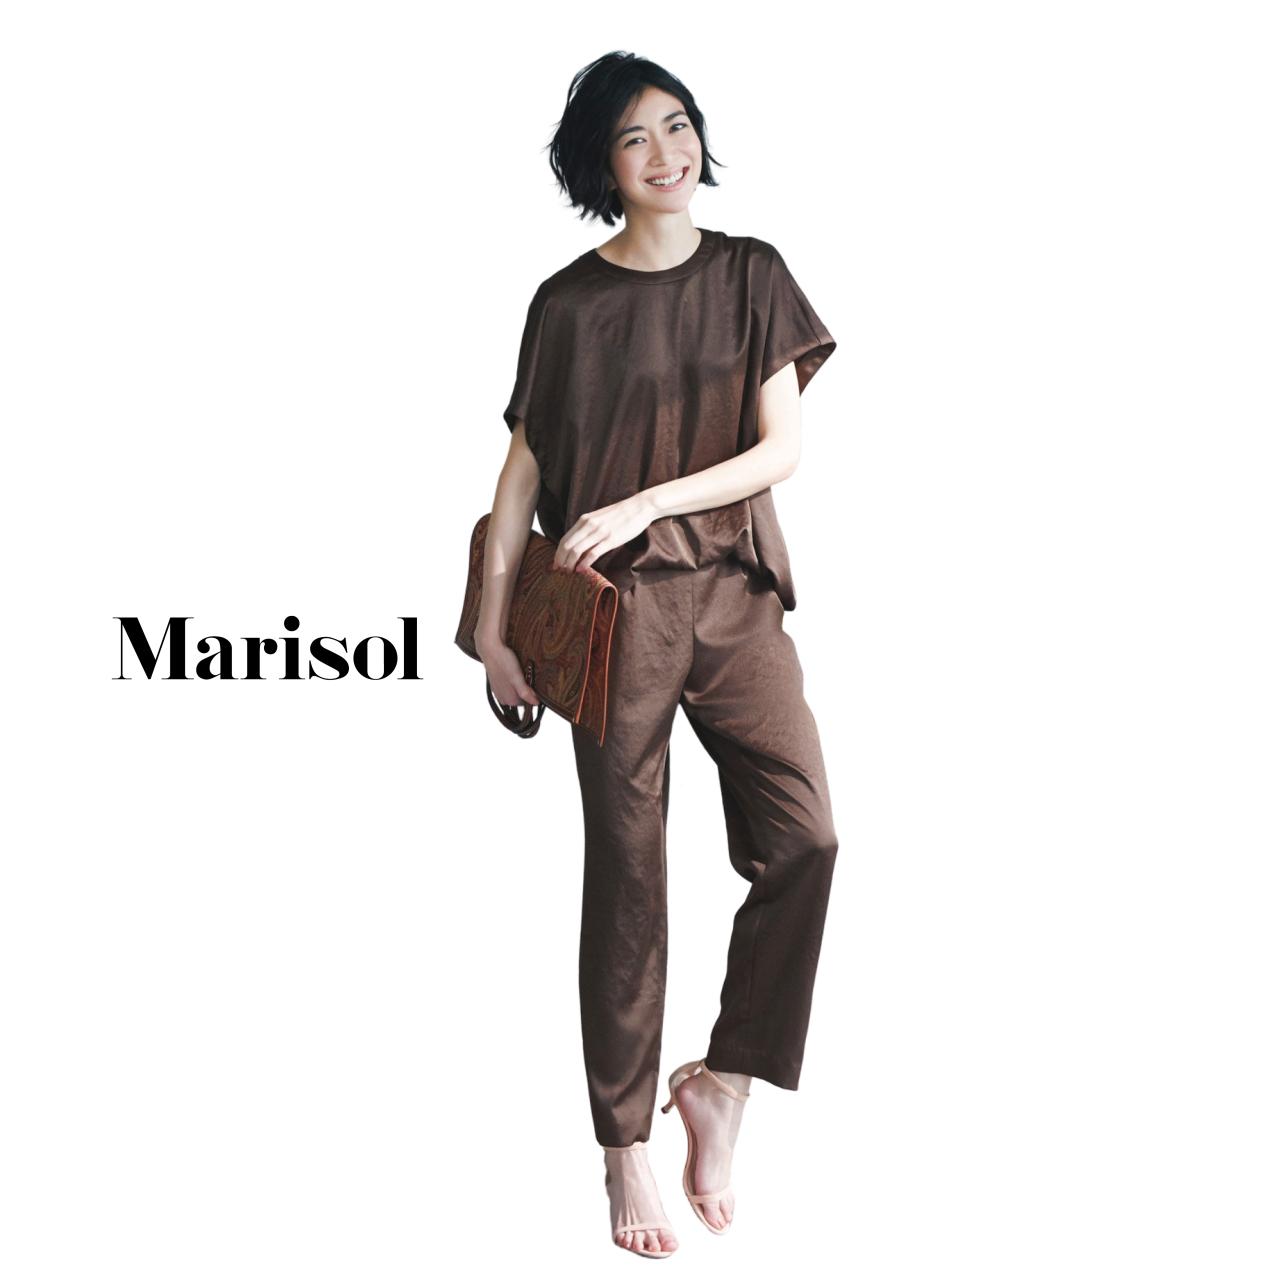 40代ファッション チョコレートカラーTシャツ×パンツコーデ